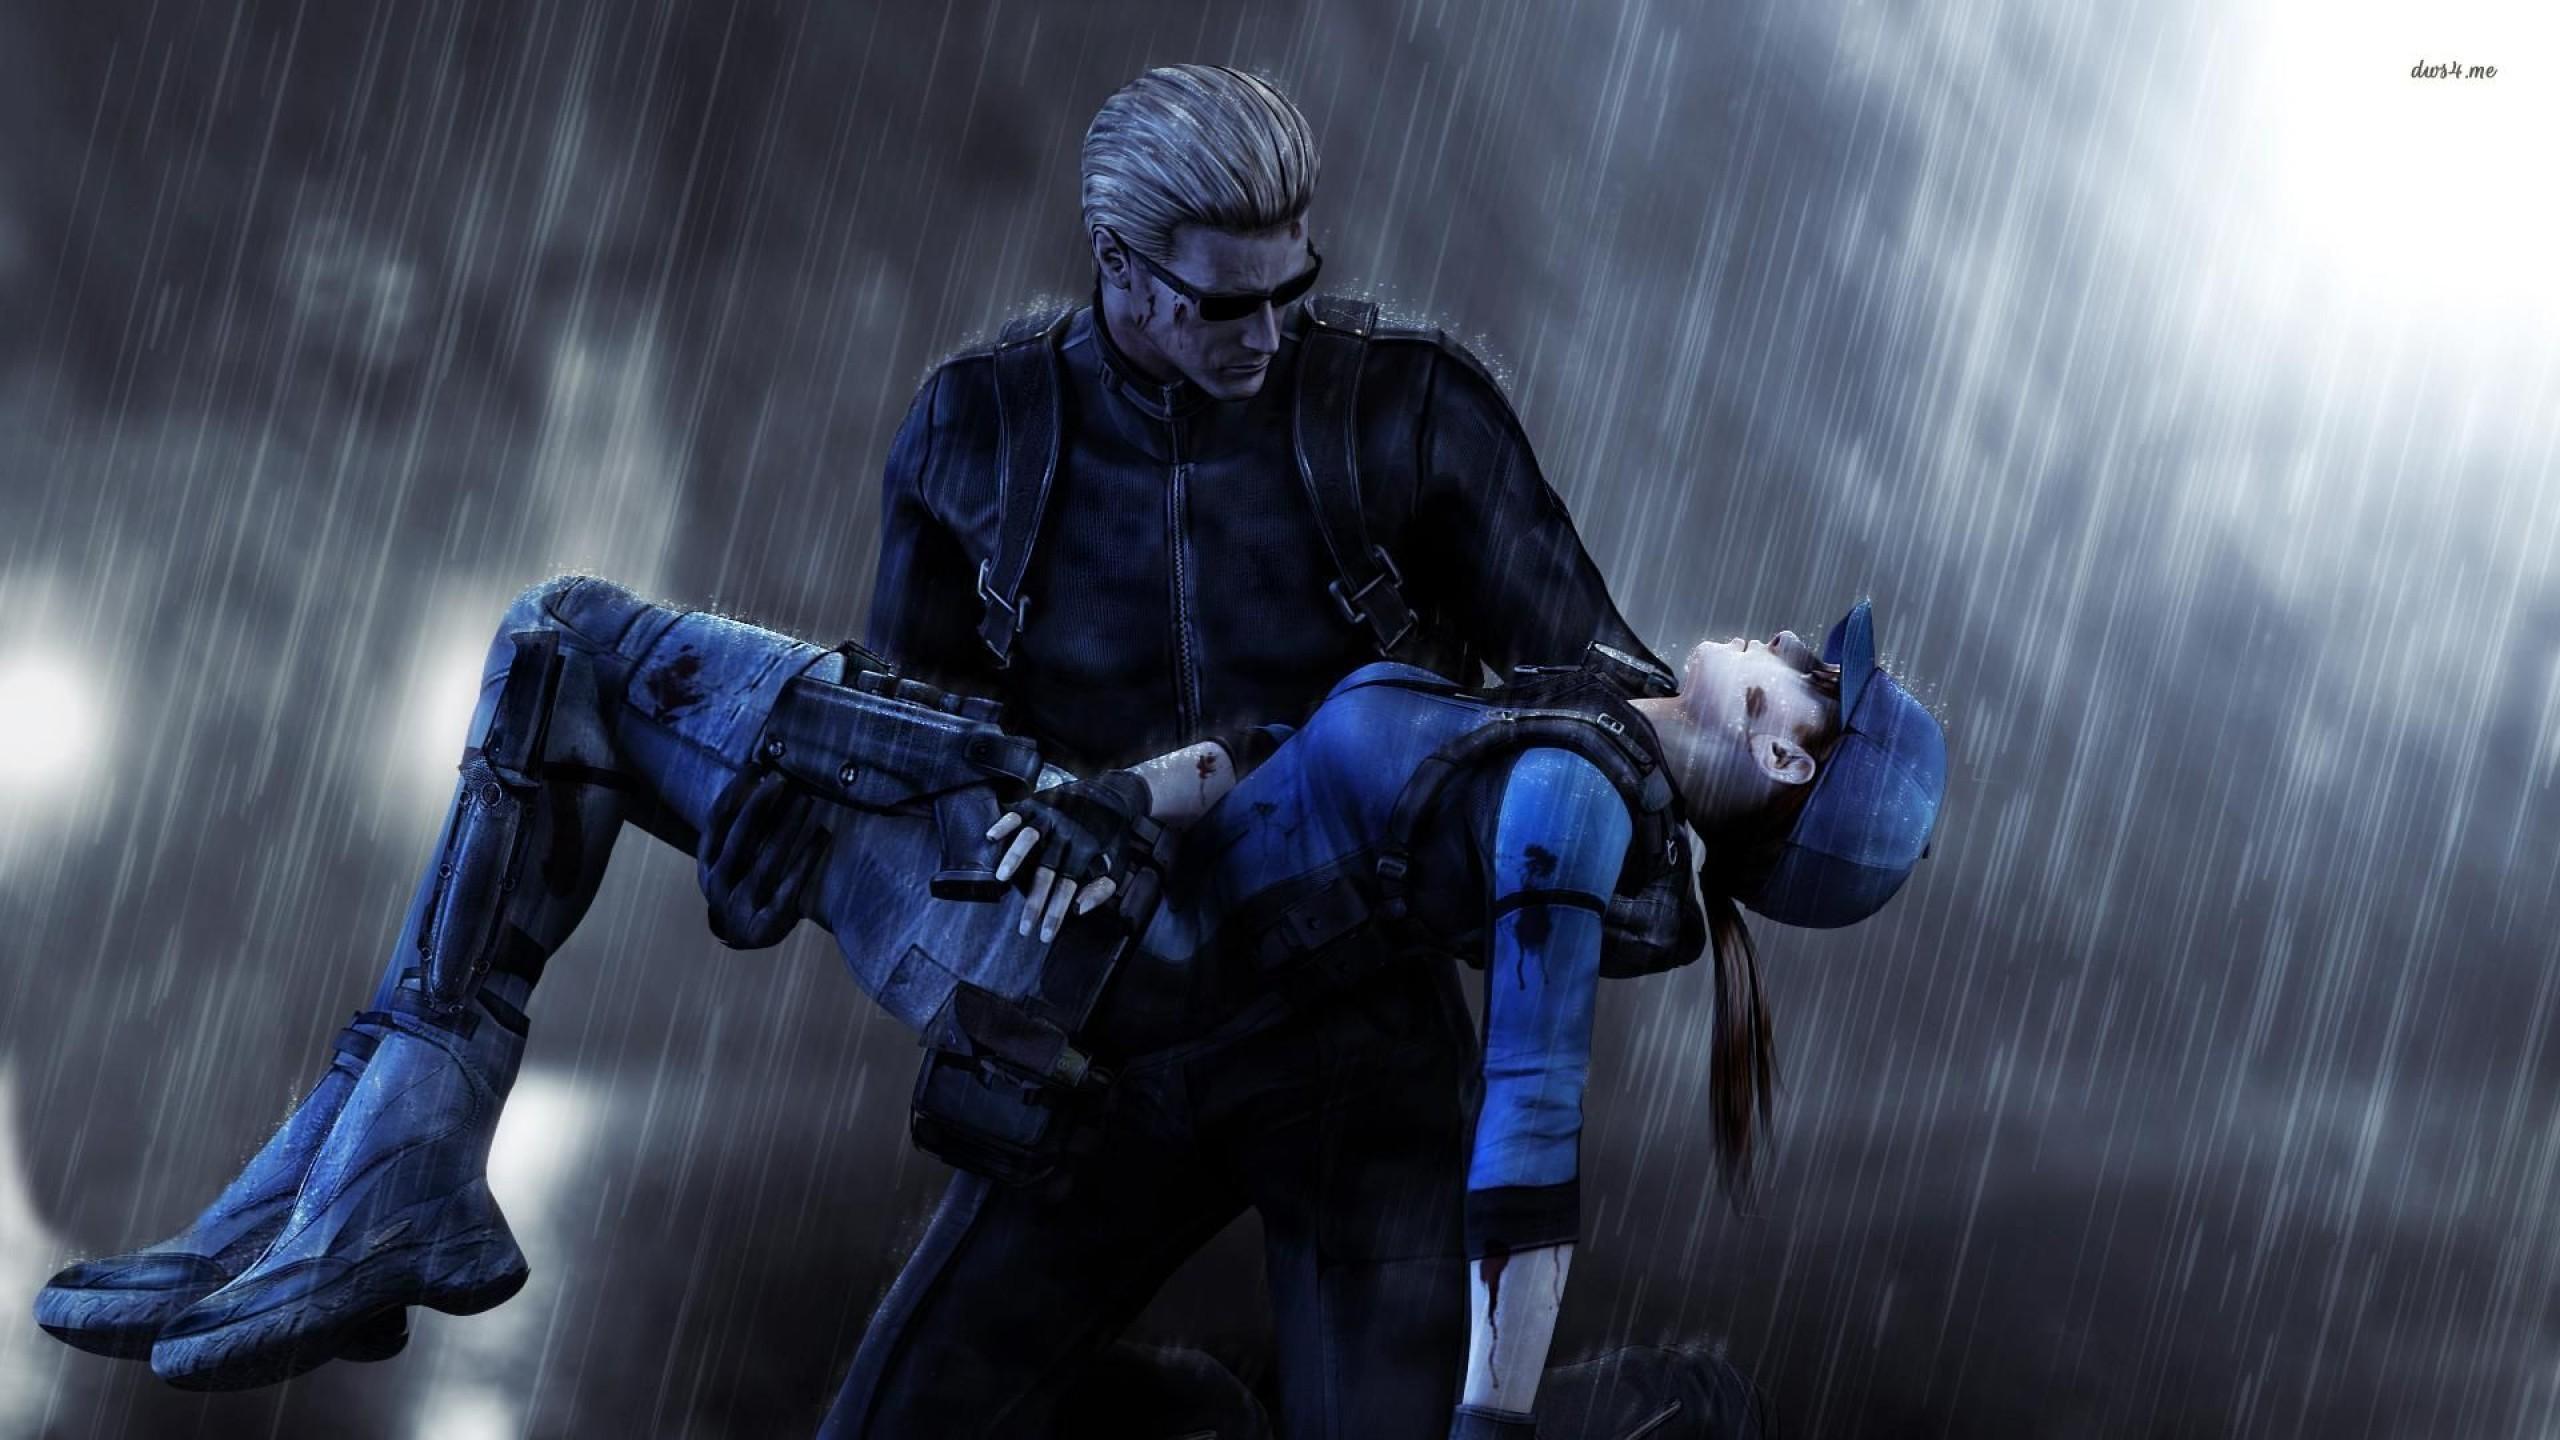 Res: 2560x1440, Albert Wesker - Resident Evil 5 -